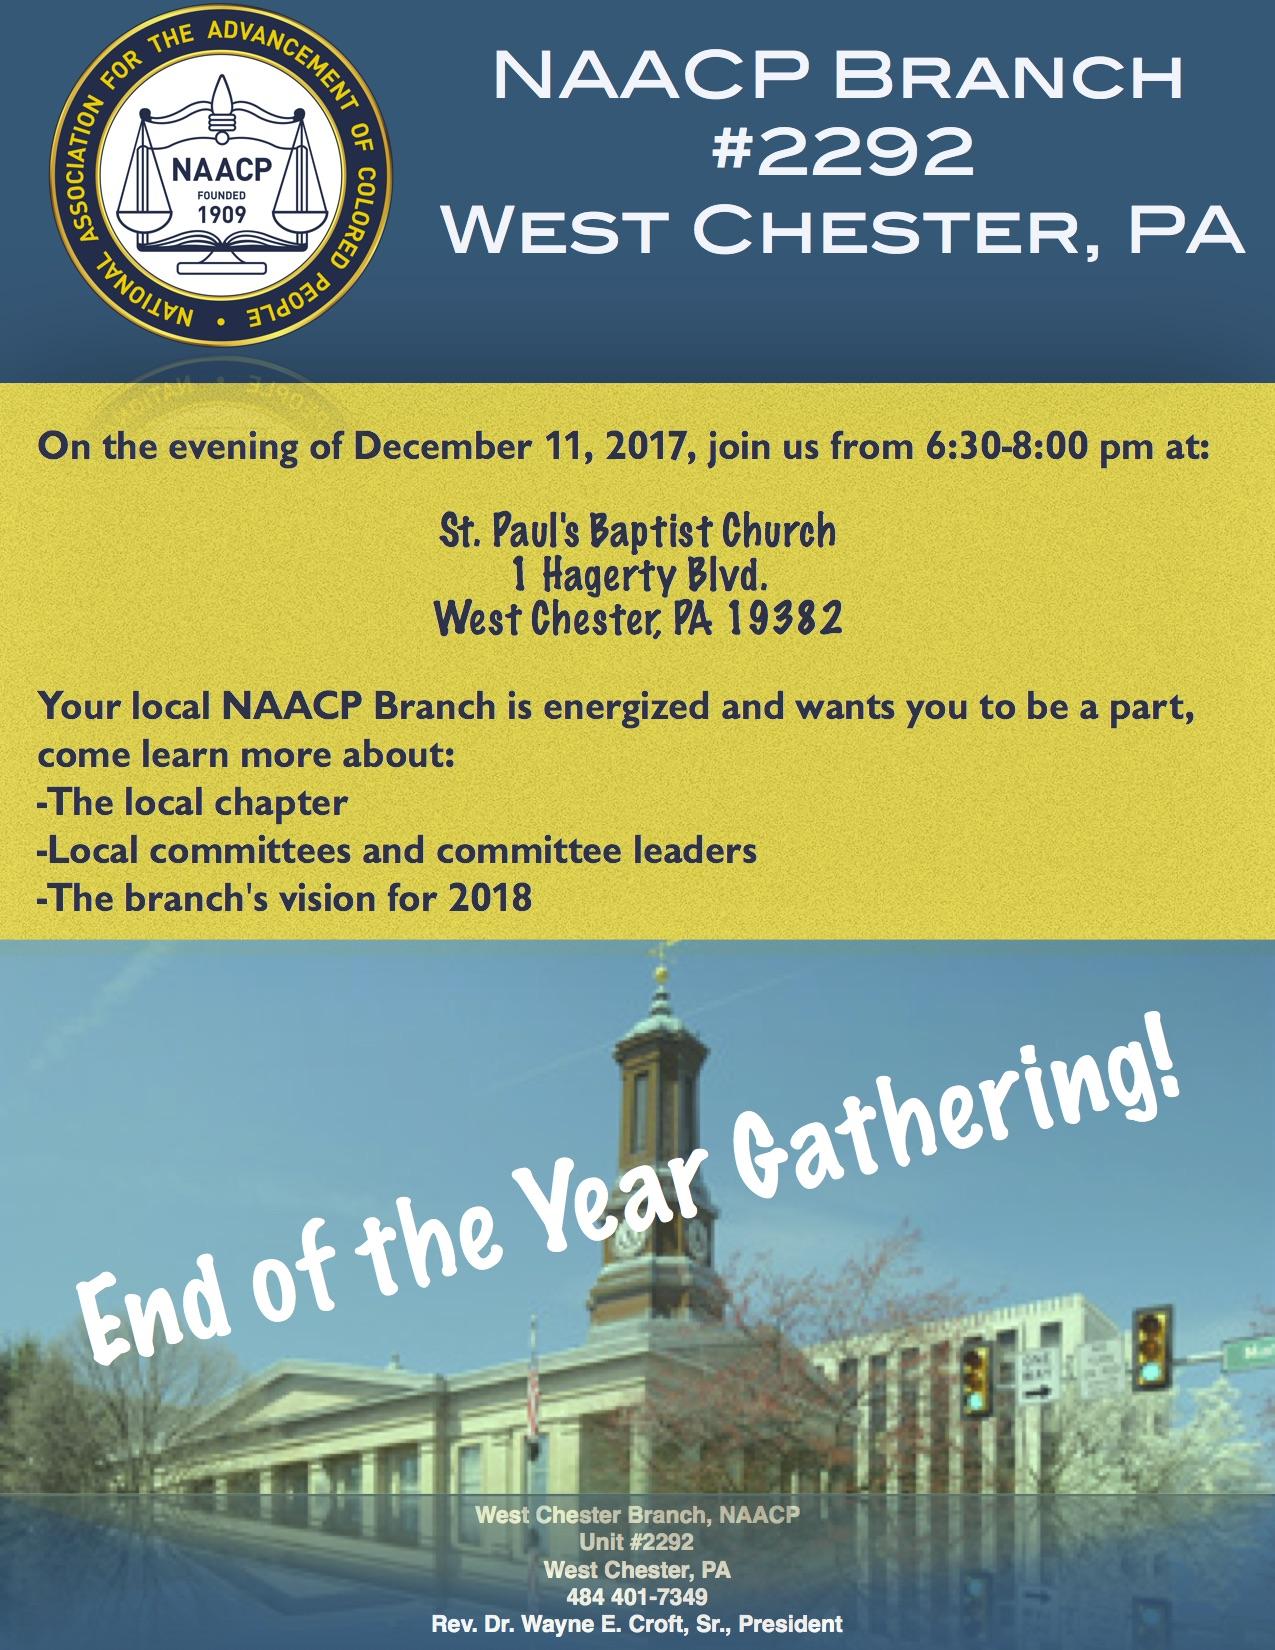 NAACP_Event_Flyer.jpg